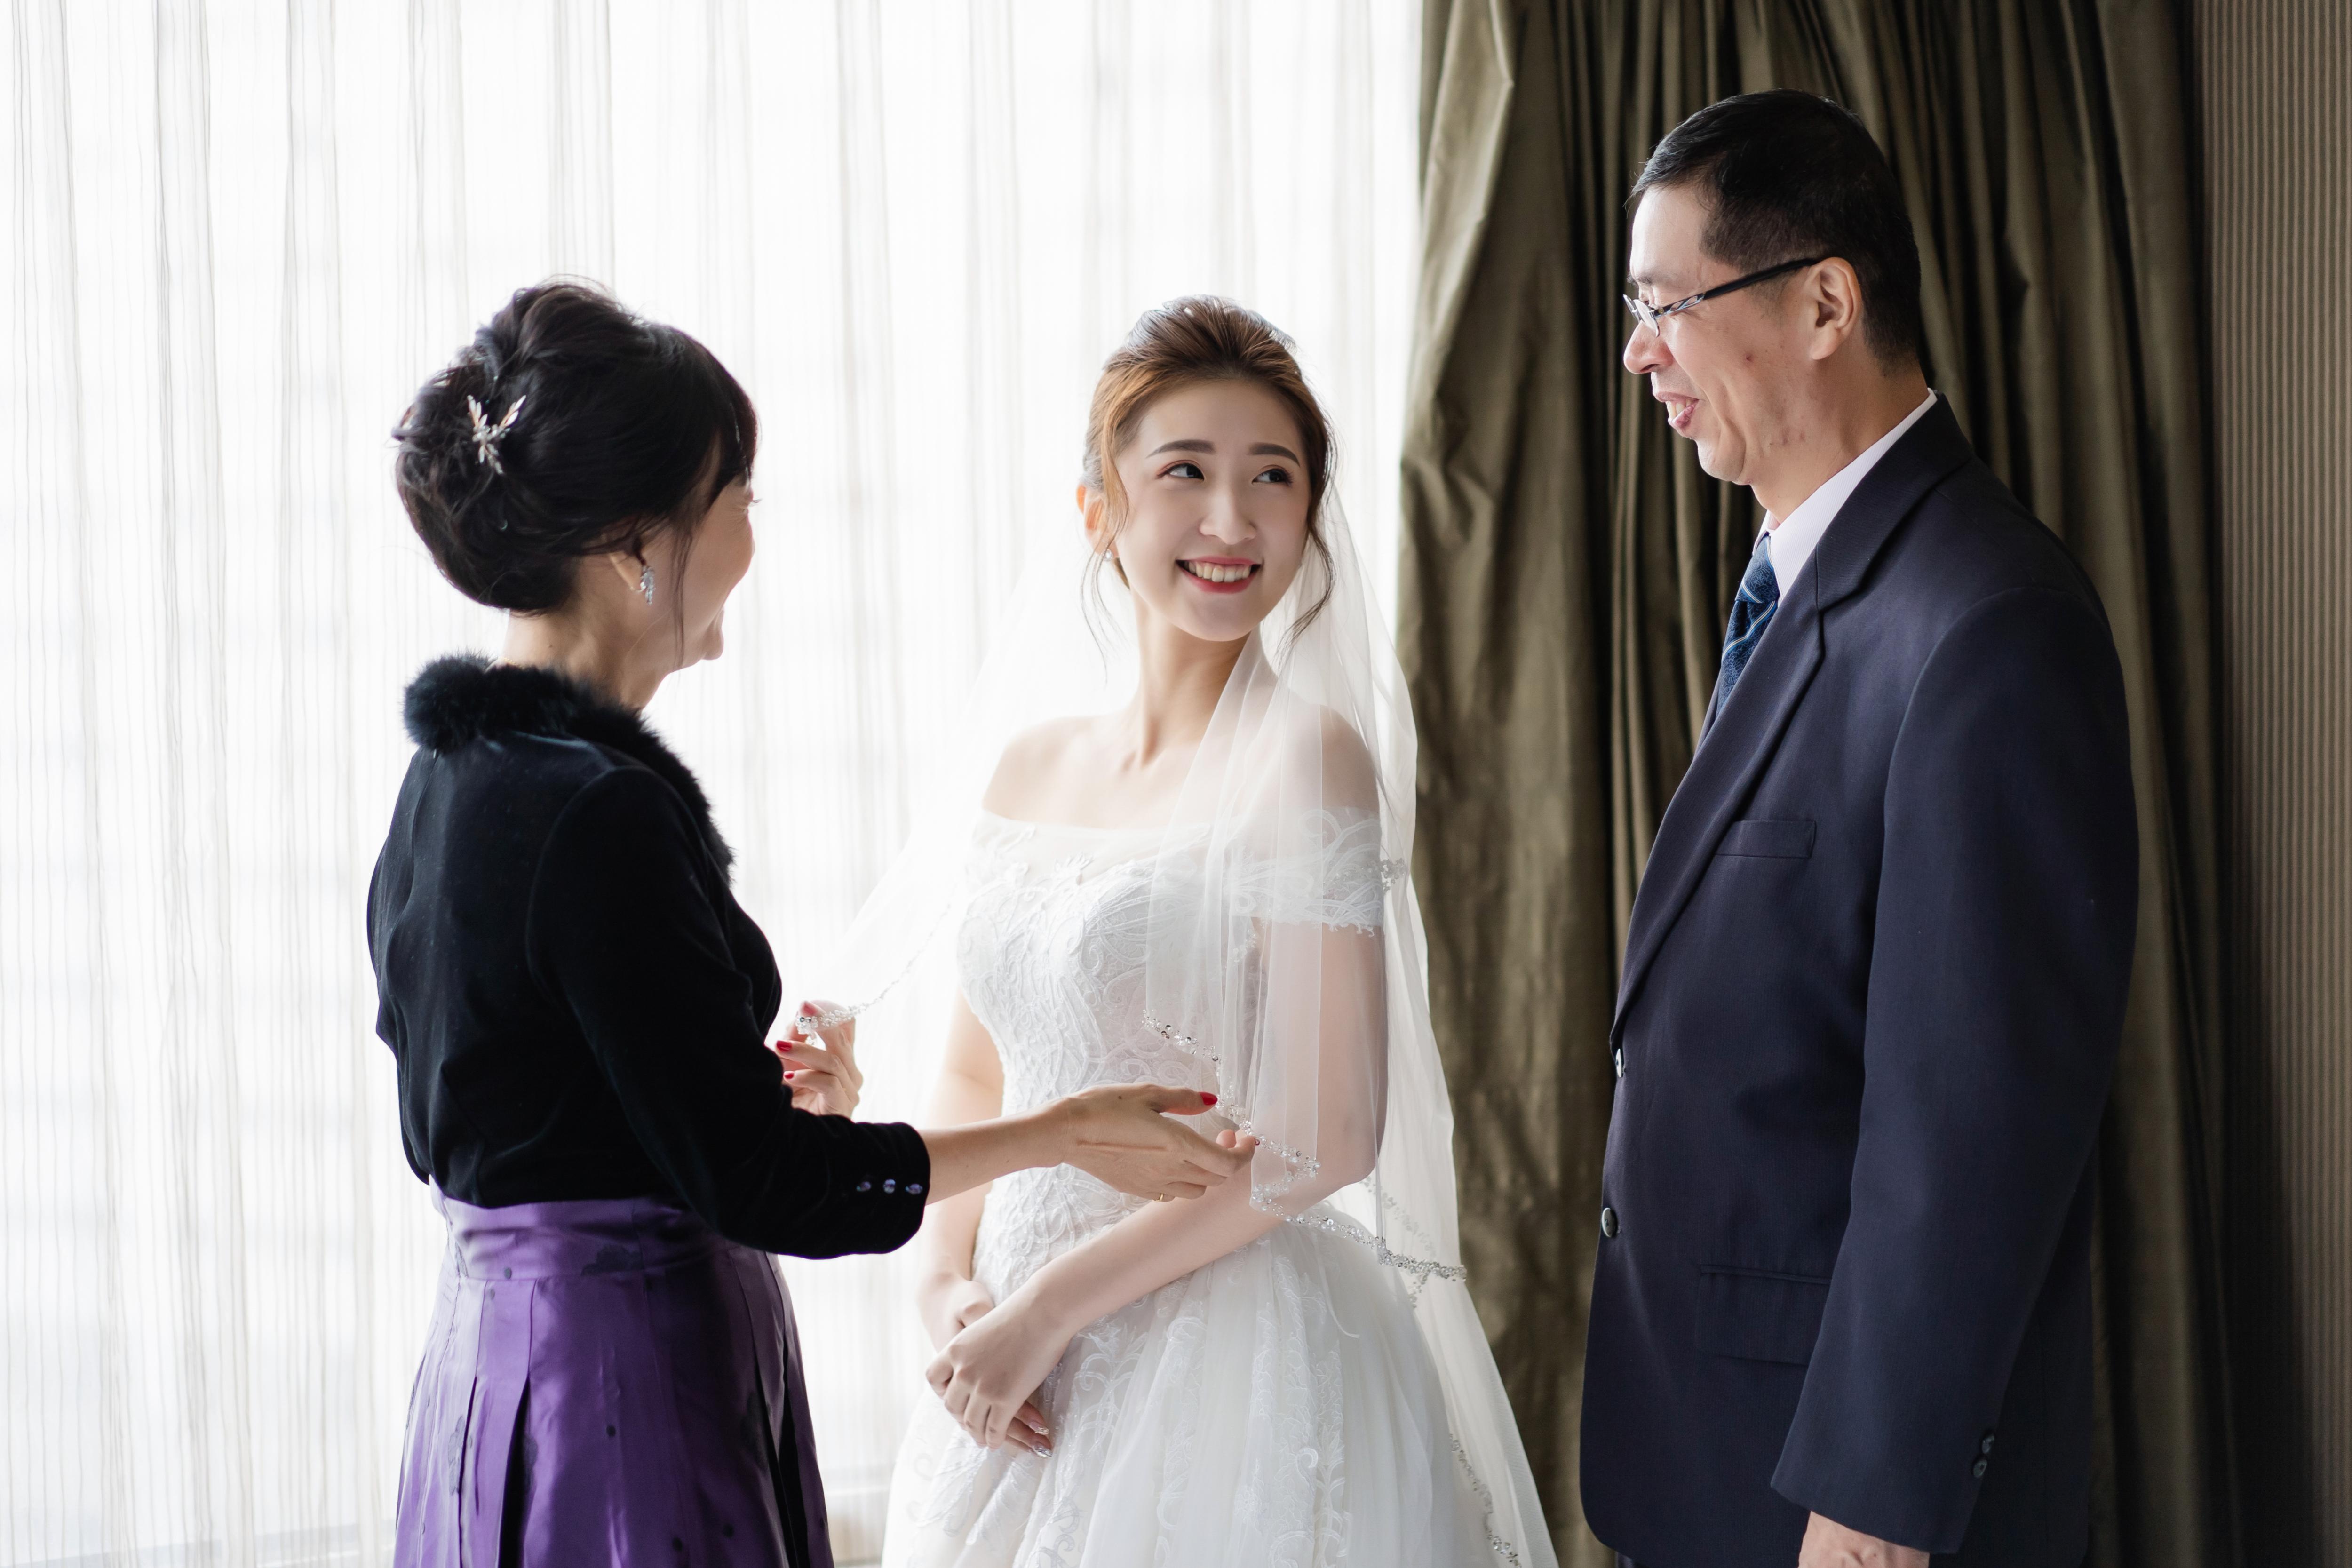 婚攝作品,婚禮攝影,婚禮紀錄,文定儀式,迎娶儀式,類婚紗,新莊頤品,wedding photos